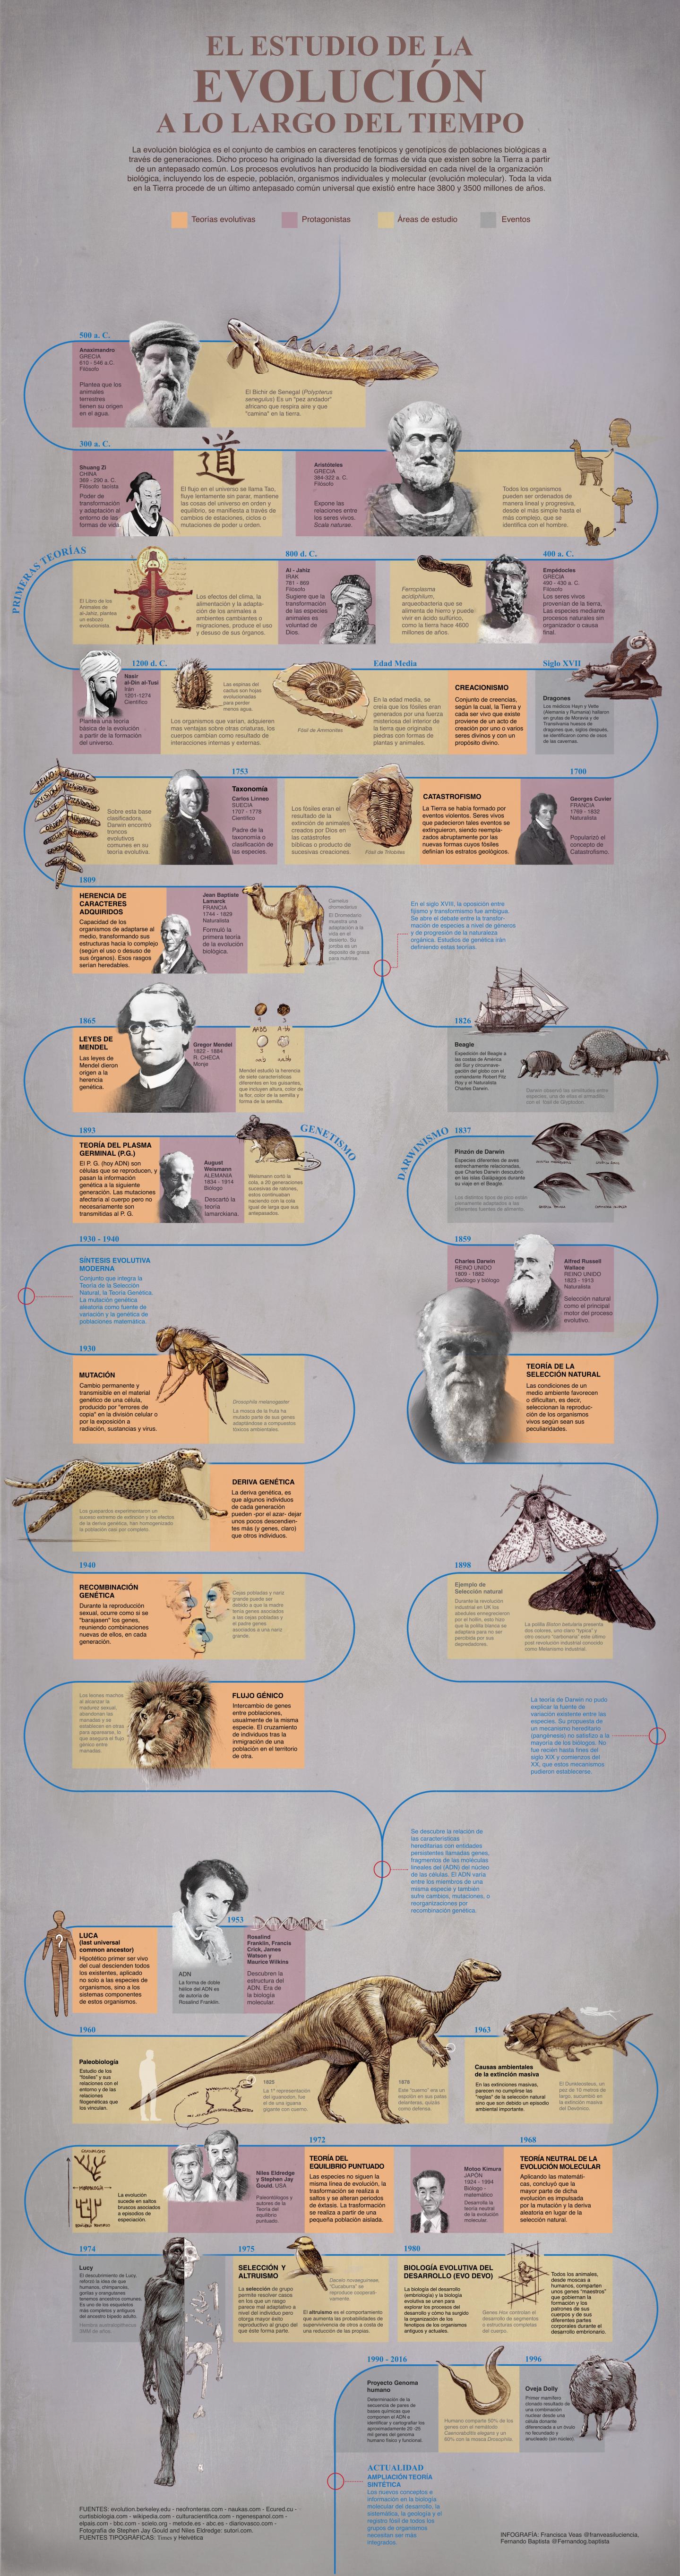 Infografía de la evolución biológica. Francisca Veas y Fernando Baptista